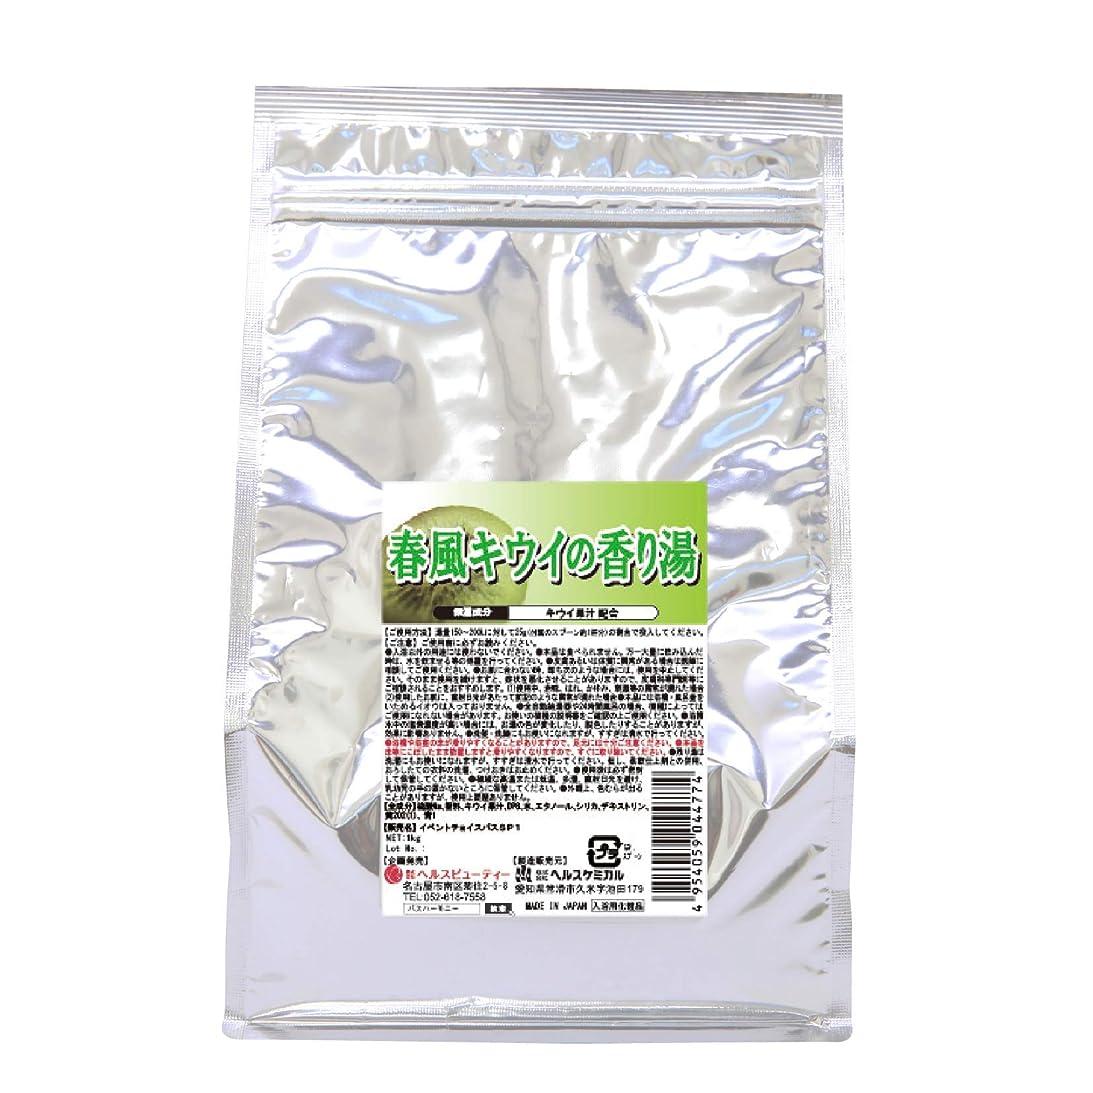 召集する透明に固める入浴剤 湯匠仕込 春風キウイの香り湯 1kg 50回分 お徳用